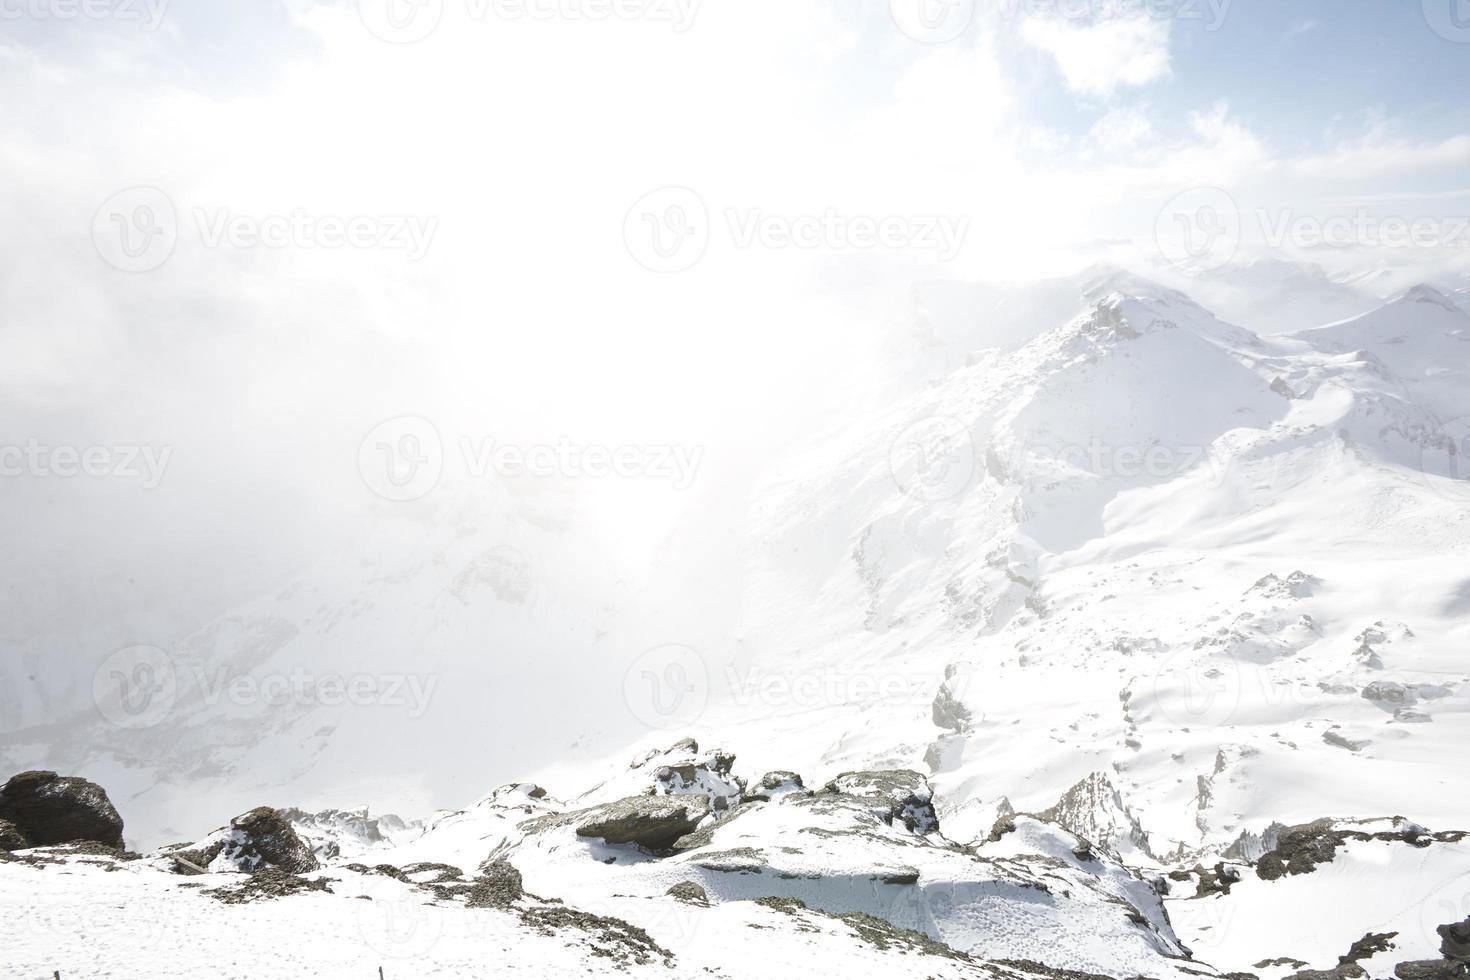 el polvo de nieve se acumula sobre el pico de la montaña foto